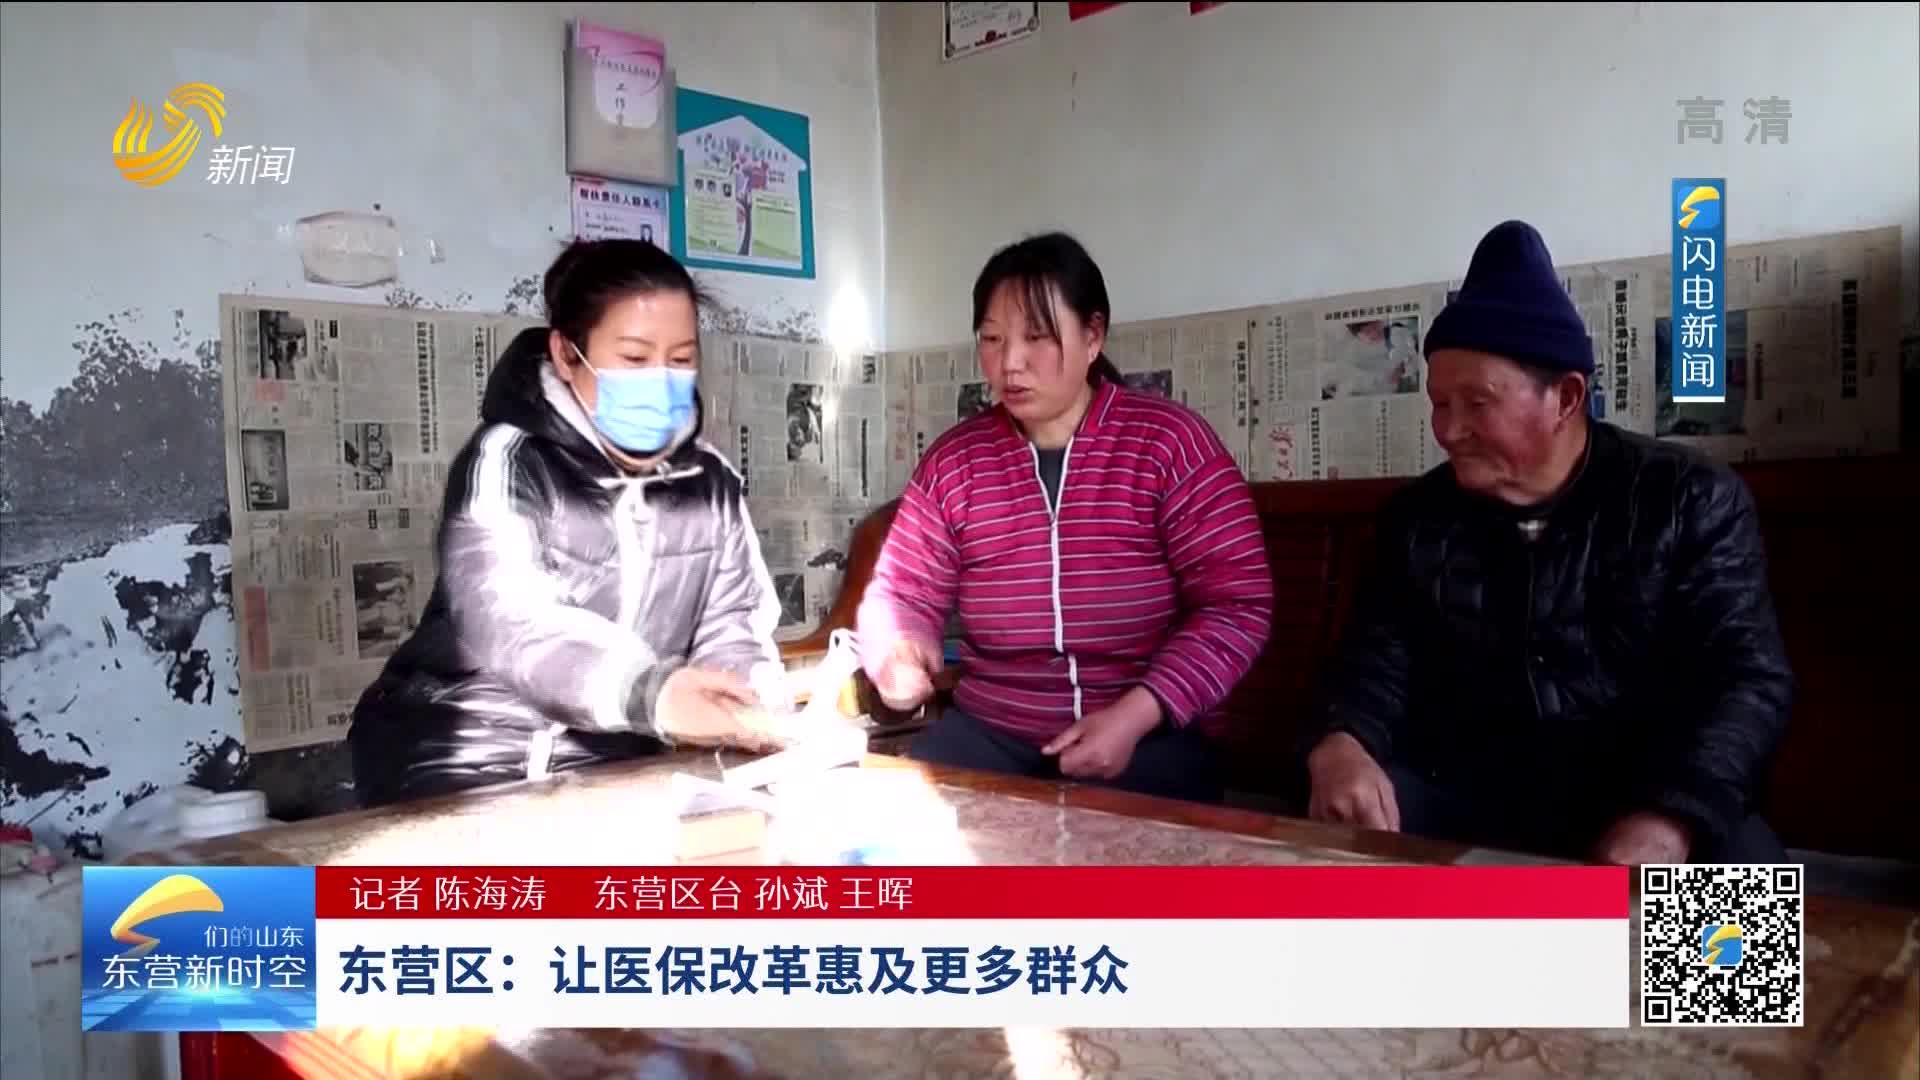 东营区:让医保改革惠及更多群众